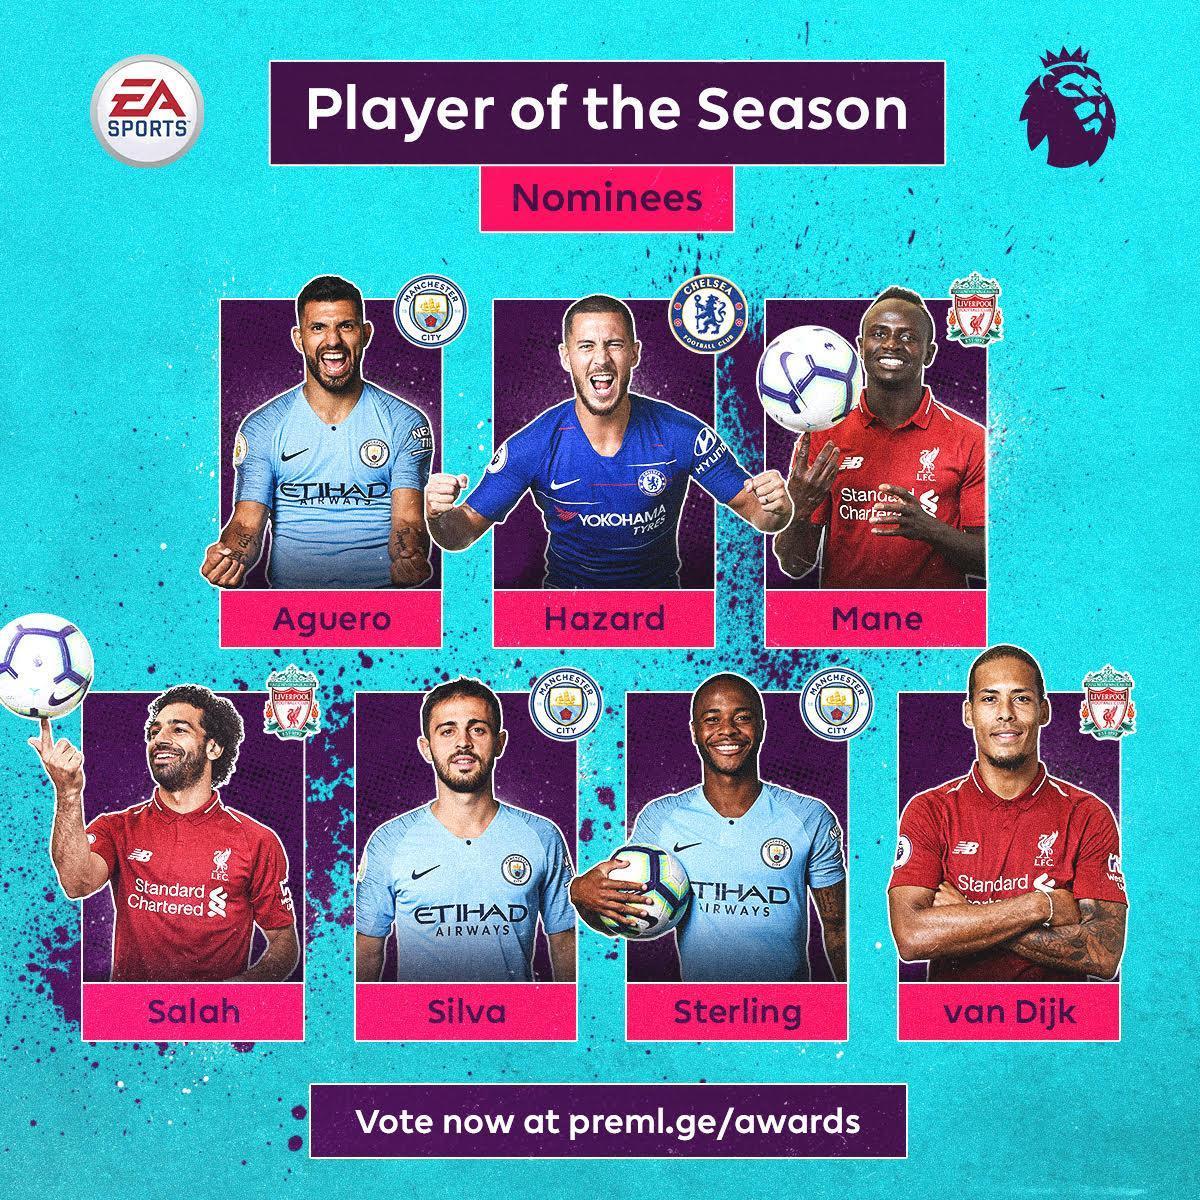 英超年度最佳球员候选:曼城利物浦各3人,外加阿扎尔